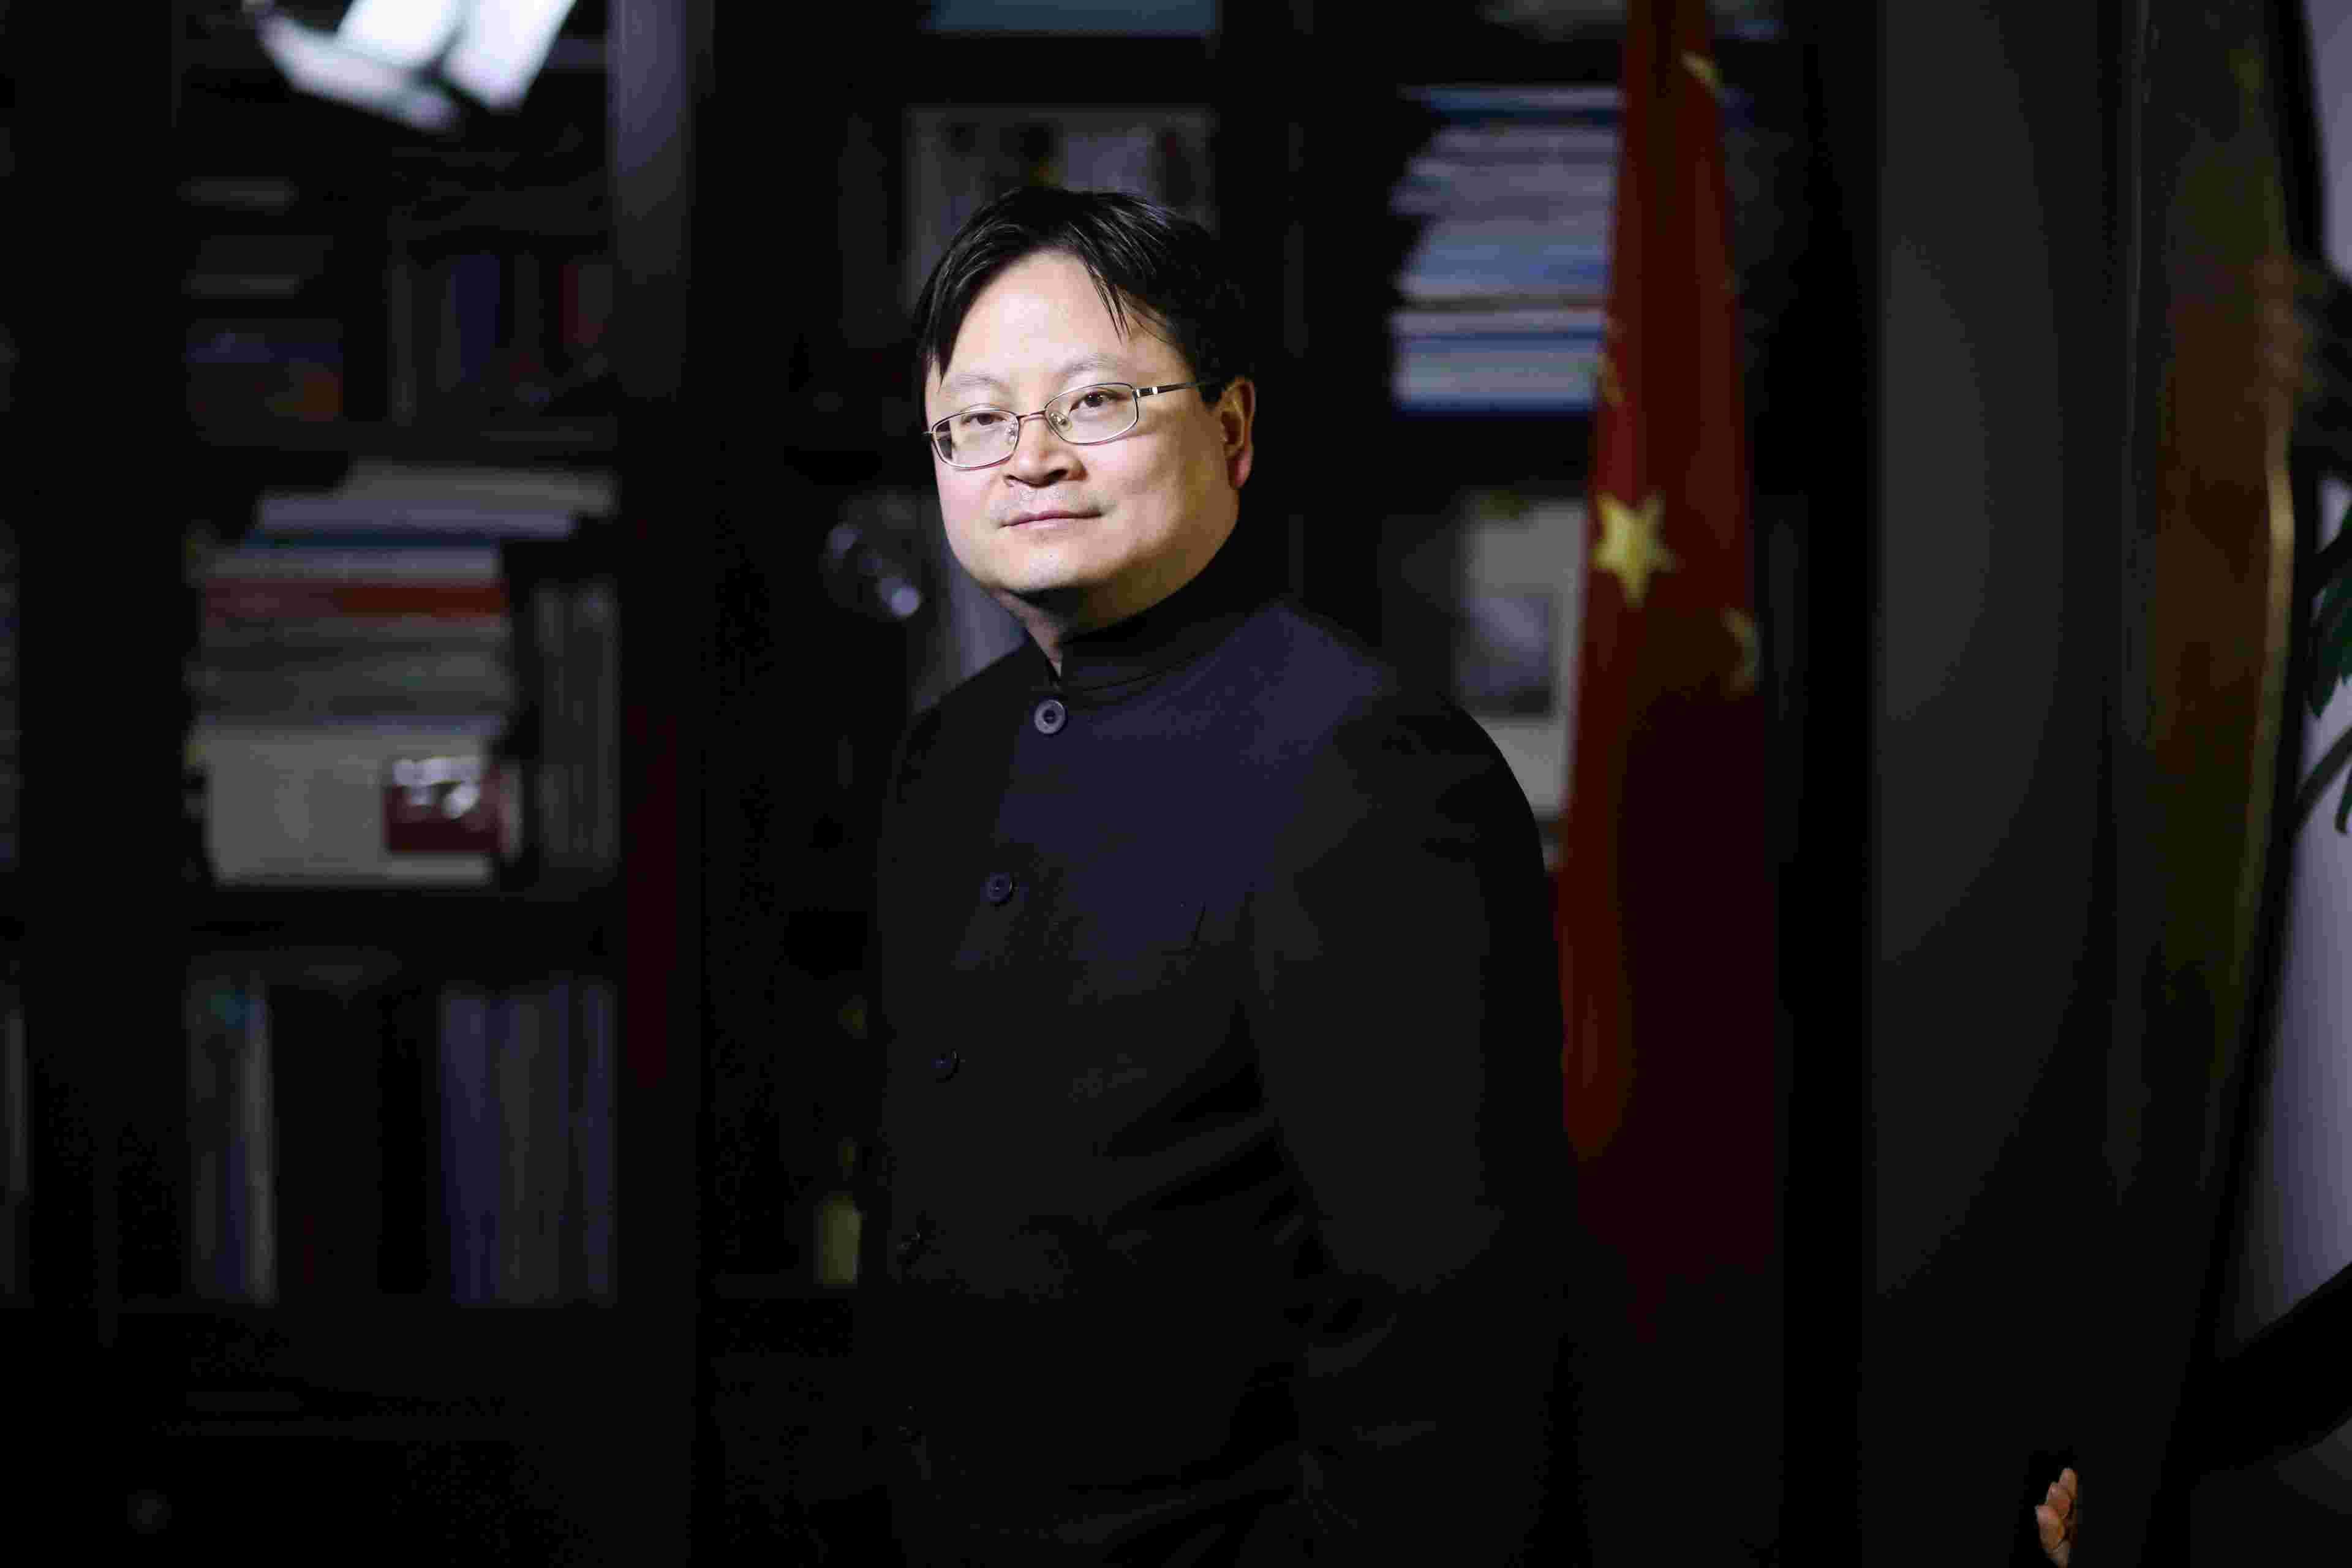 电银付app下载(dianyinzhifu.com):中银证券全球首席经济学家、国家外汇局国际收支司原司长管涛:从中历久来看,人民币是有潜力的